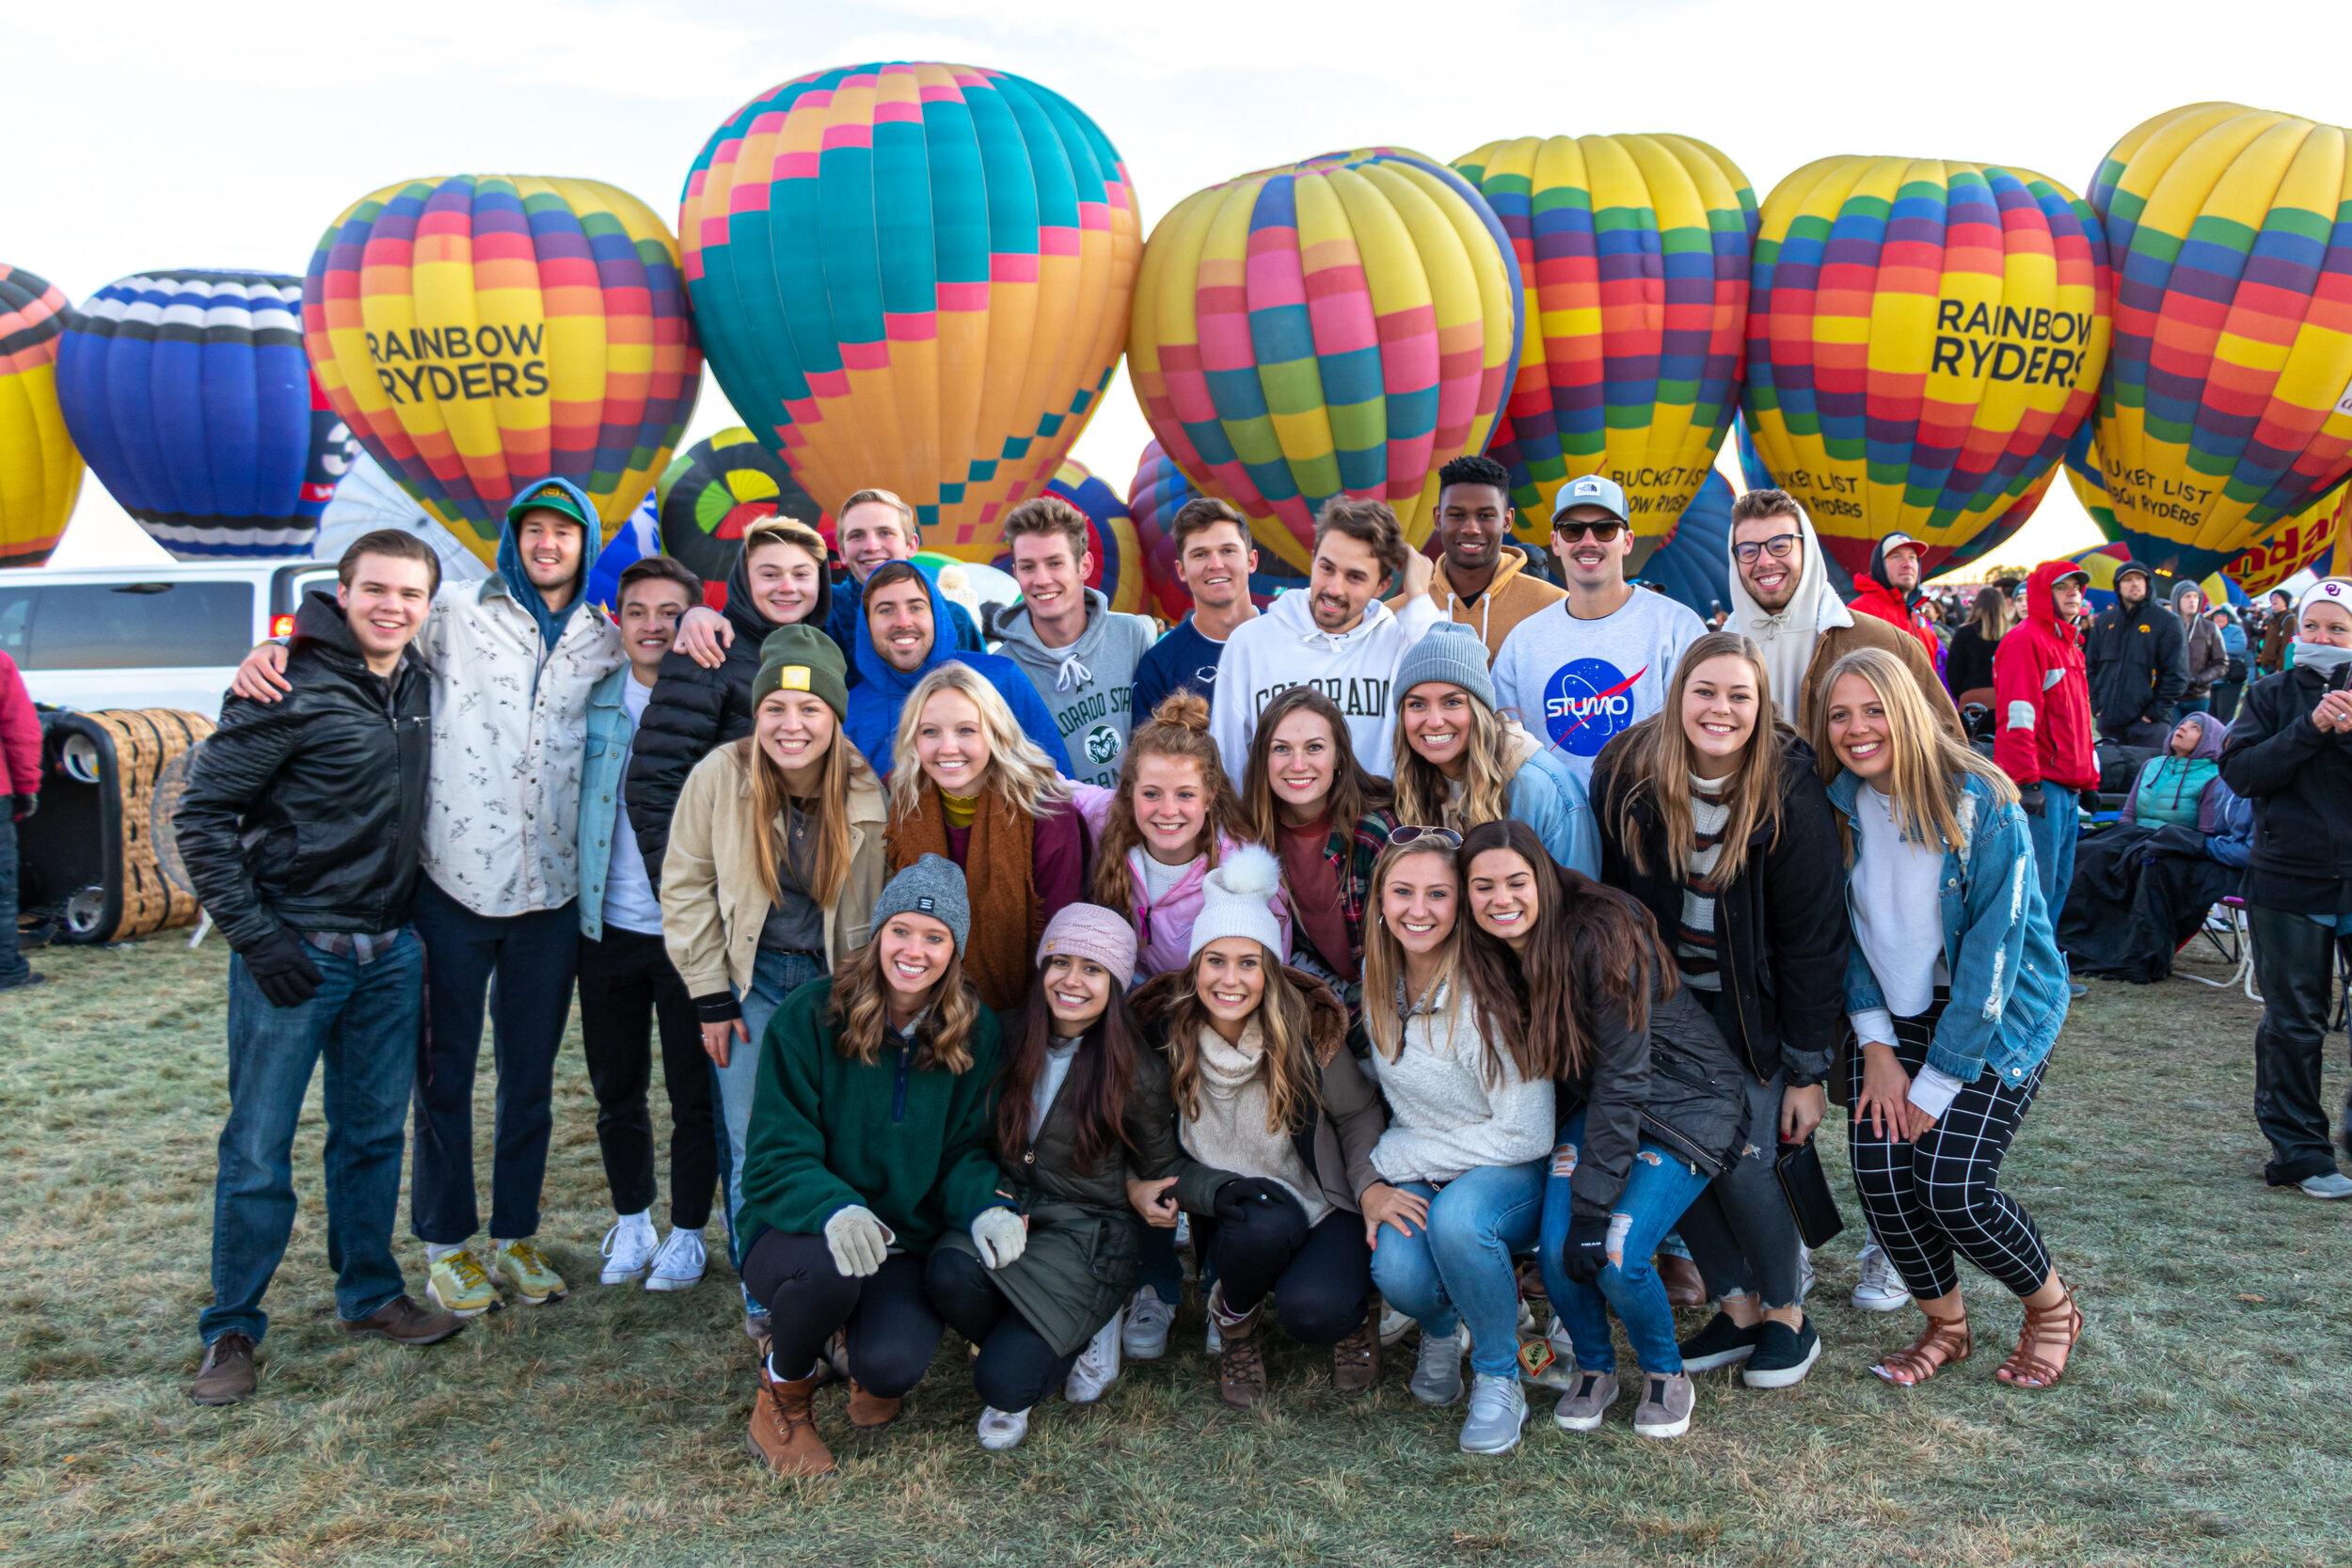 Balloon Fiesta - 10/12/2019